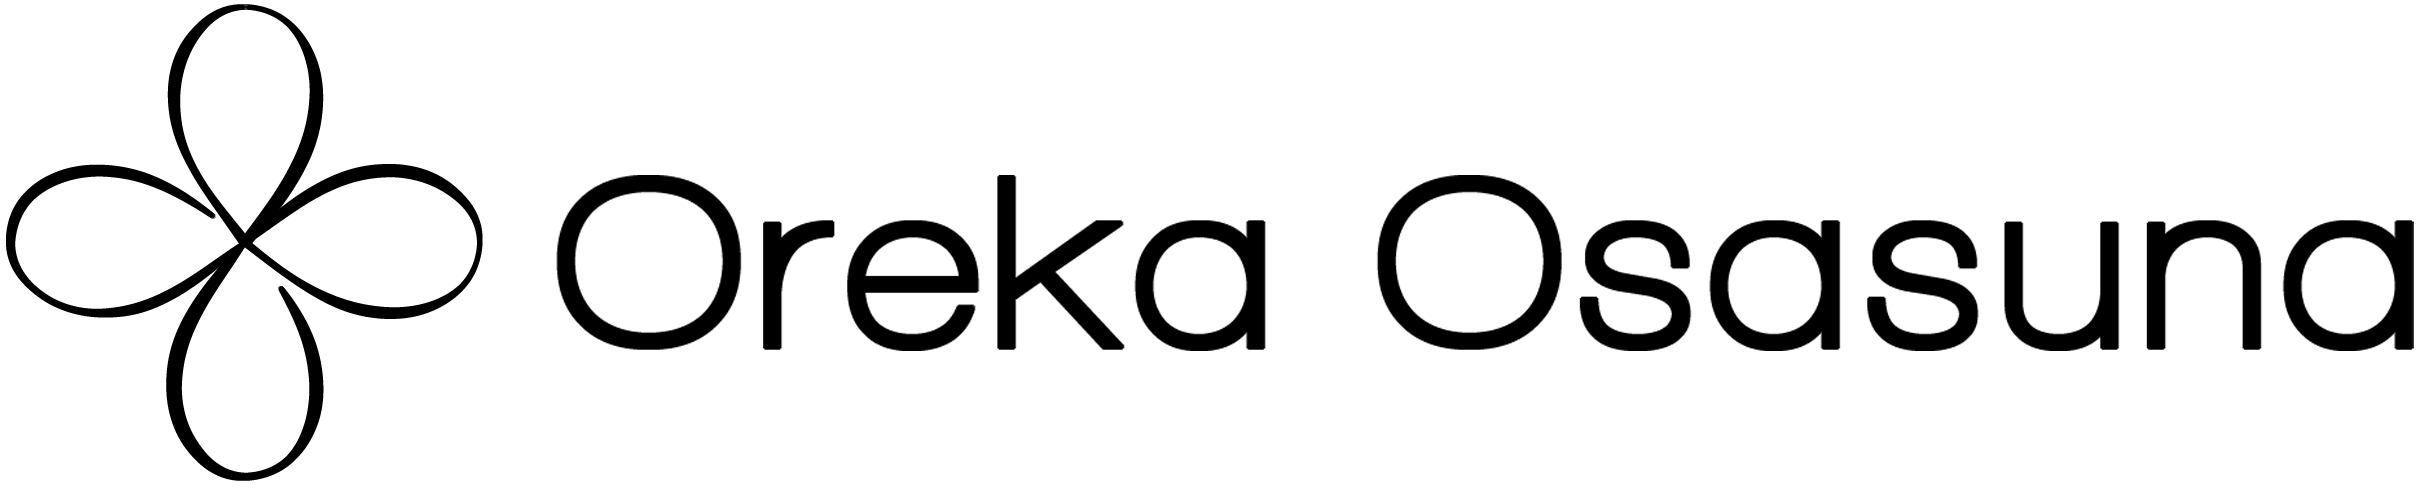 oreka-osasuna